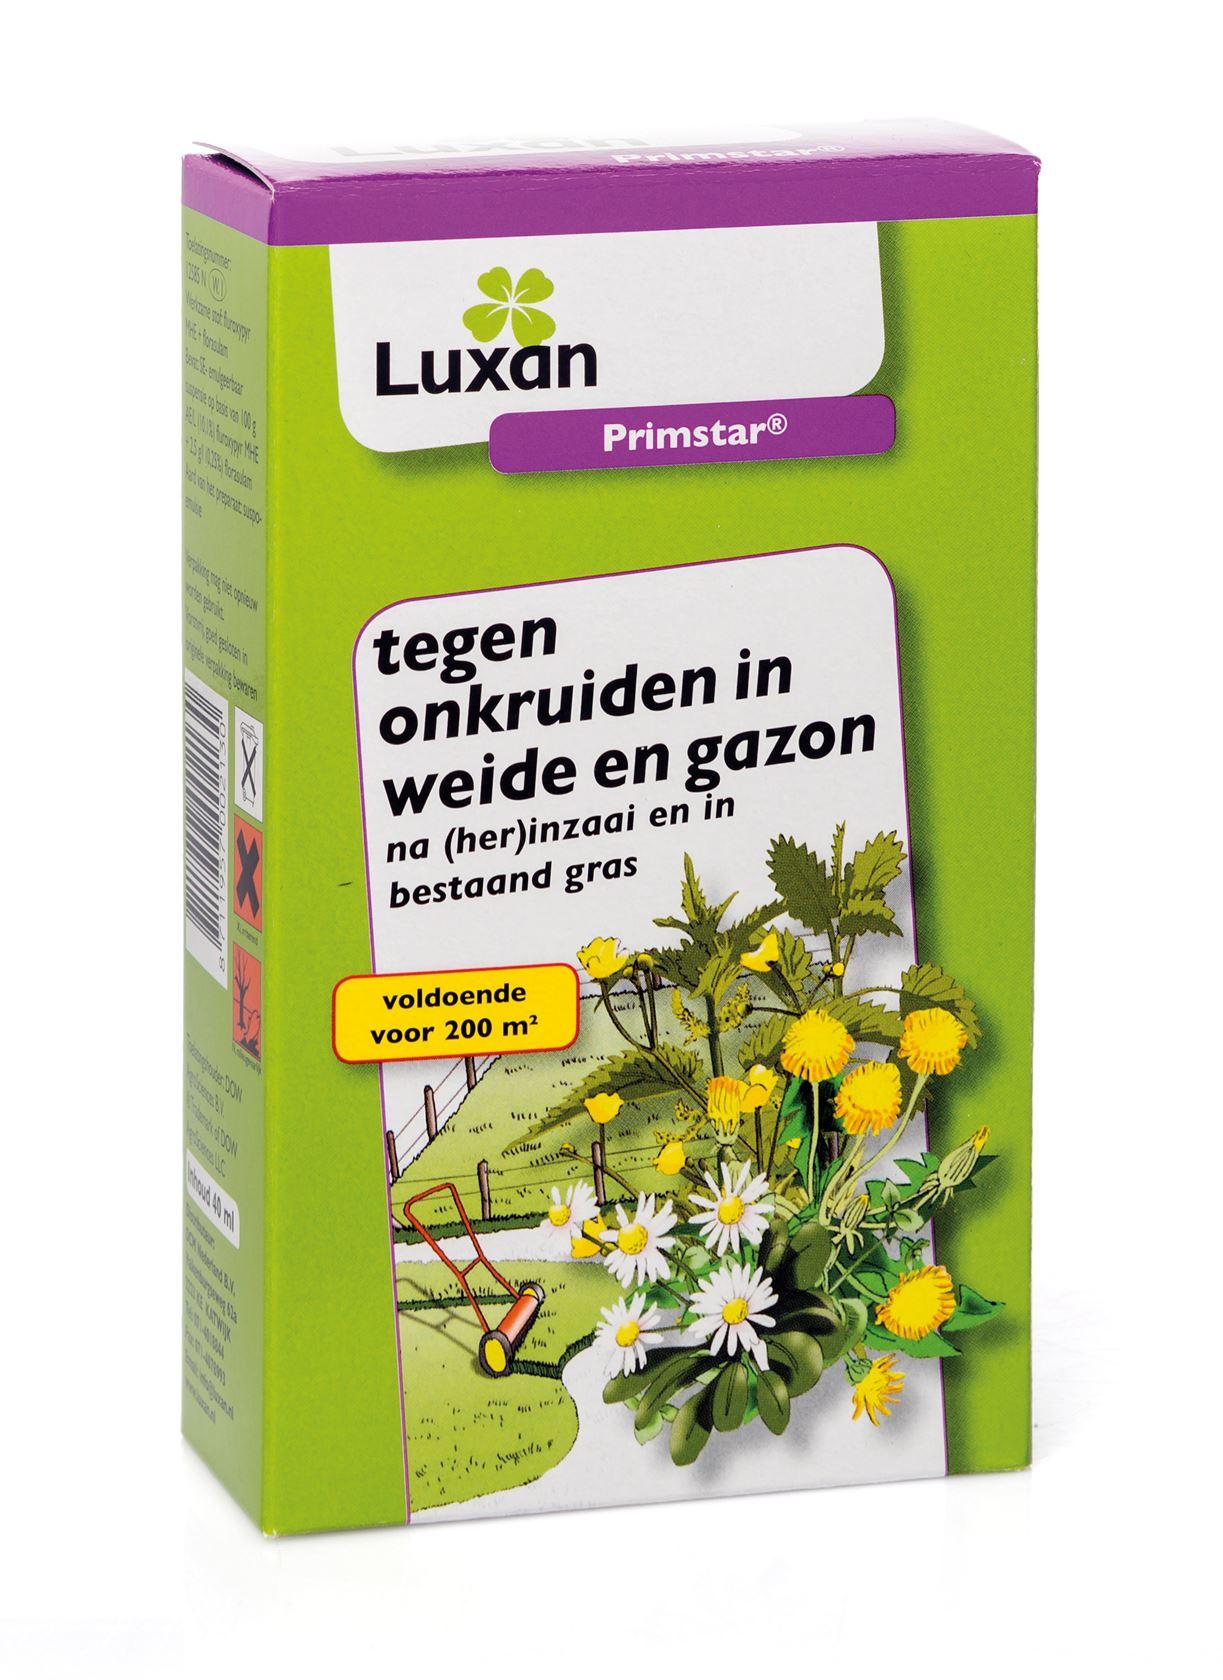 Luxan primstar - 40 ml - tegen onkruiden in weide en gazon